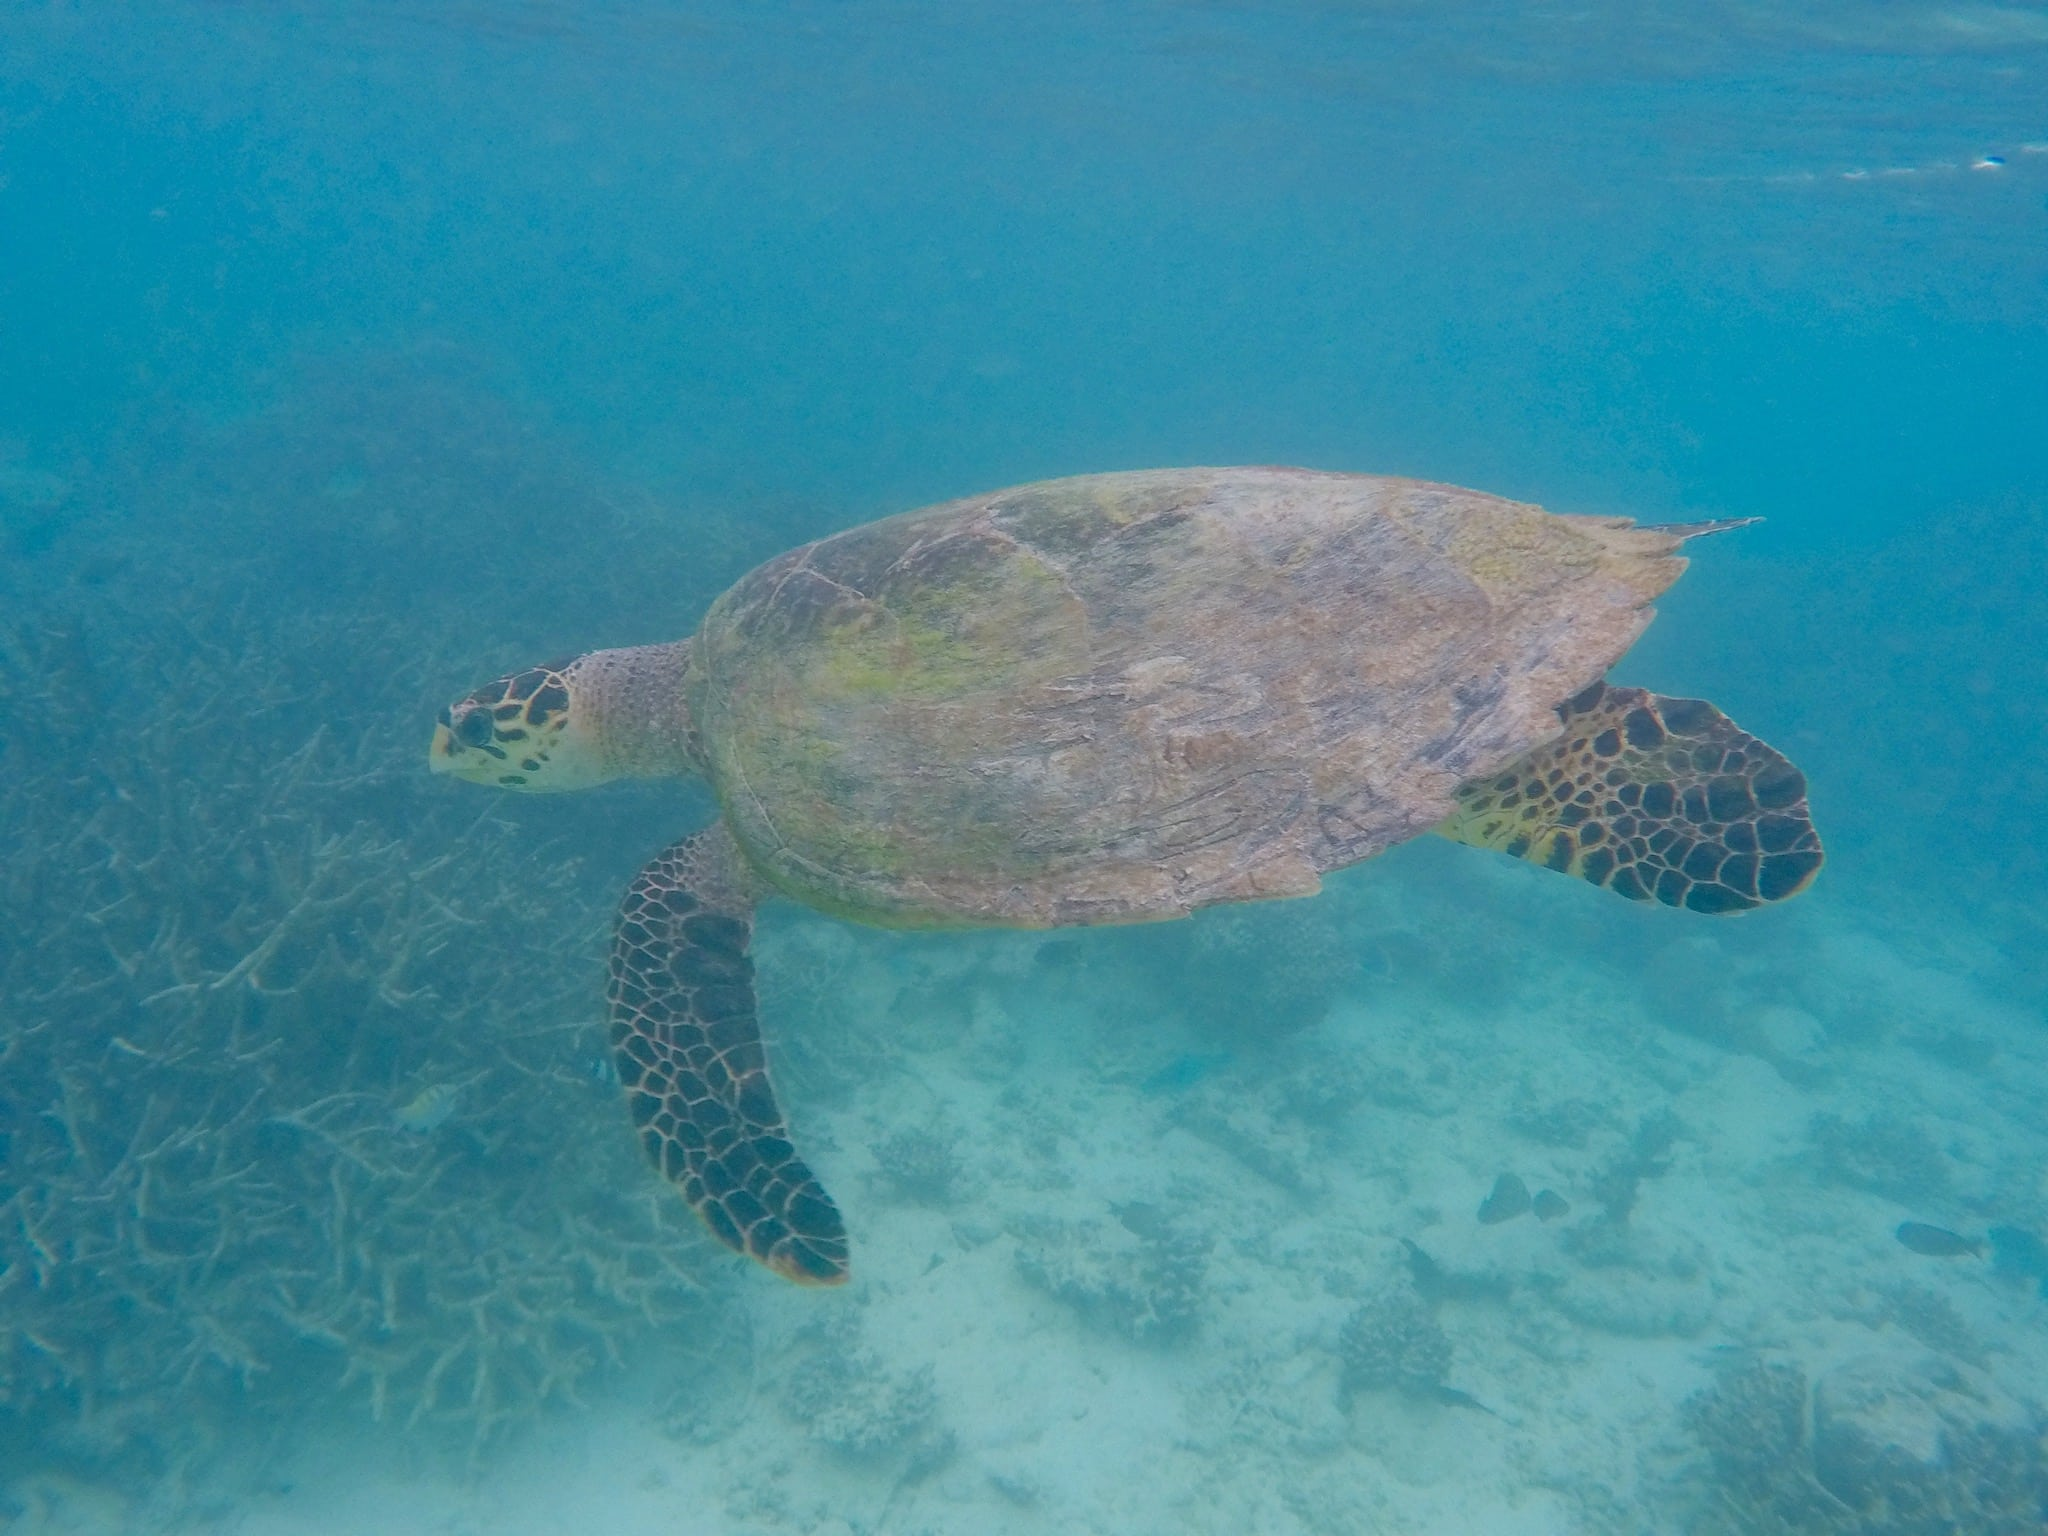 Direkt vor meiner Strandvilla in der Lagune ist mir beim Schnorcheln eine Schildkröte begegnet – wir sind etwa 30 Minuten zusammen geschwommen, bevor sie wieder verschwunden ist. Foto: Sascha Tegtmeyer Reisebericht Malediven Tipps